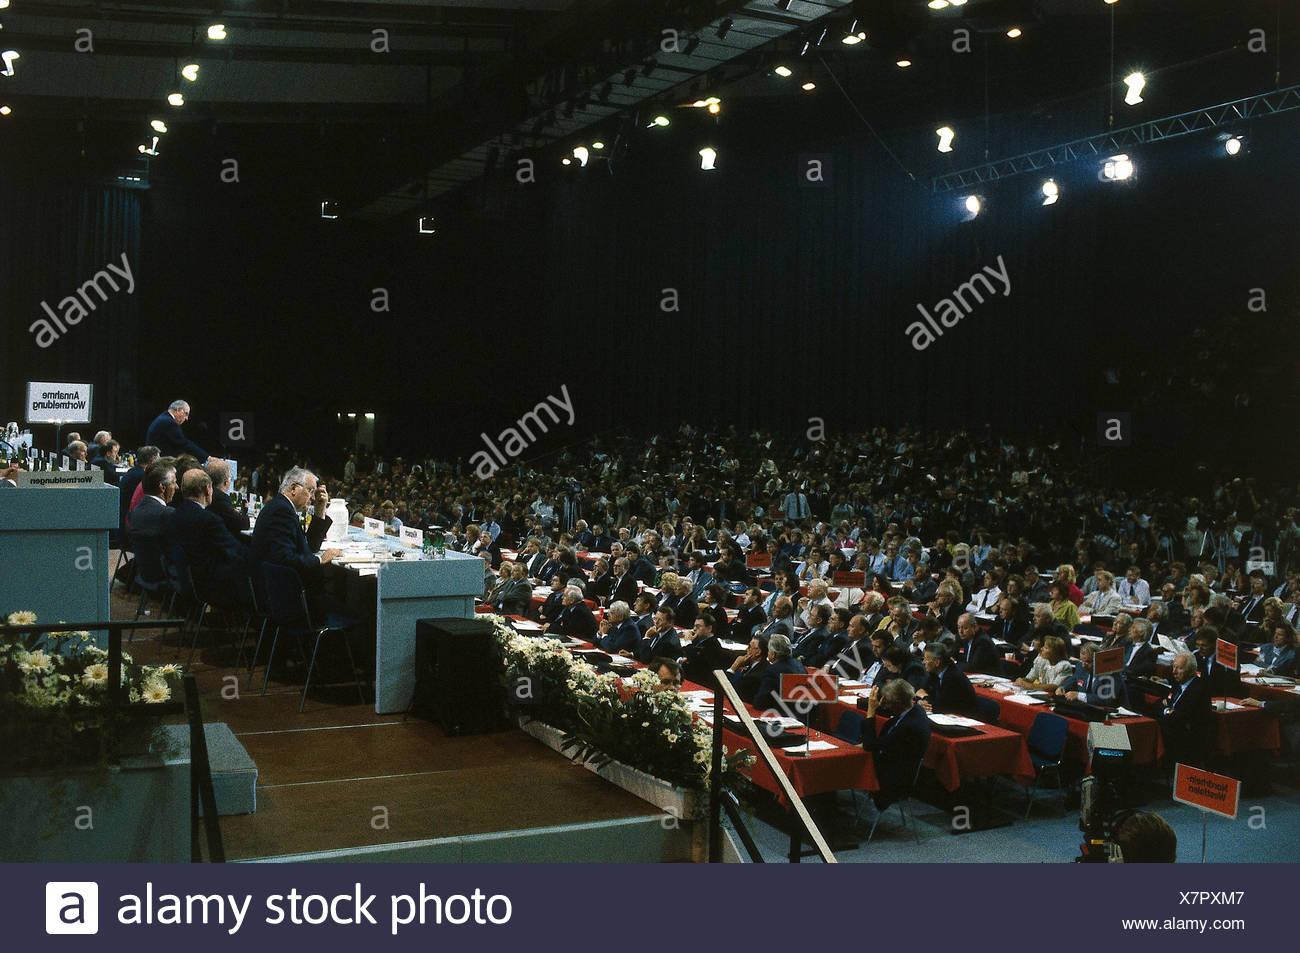 La politique, conférence des CDU, Brême, discours du Chancelier Helmut Kohl, 10. / 11.9.1989, Partie, parlant, l'Allemagne, Photo Stock